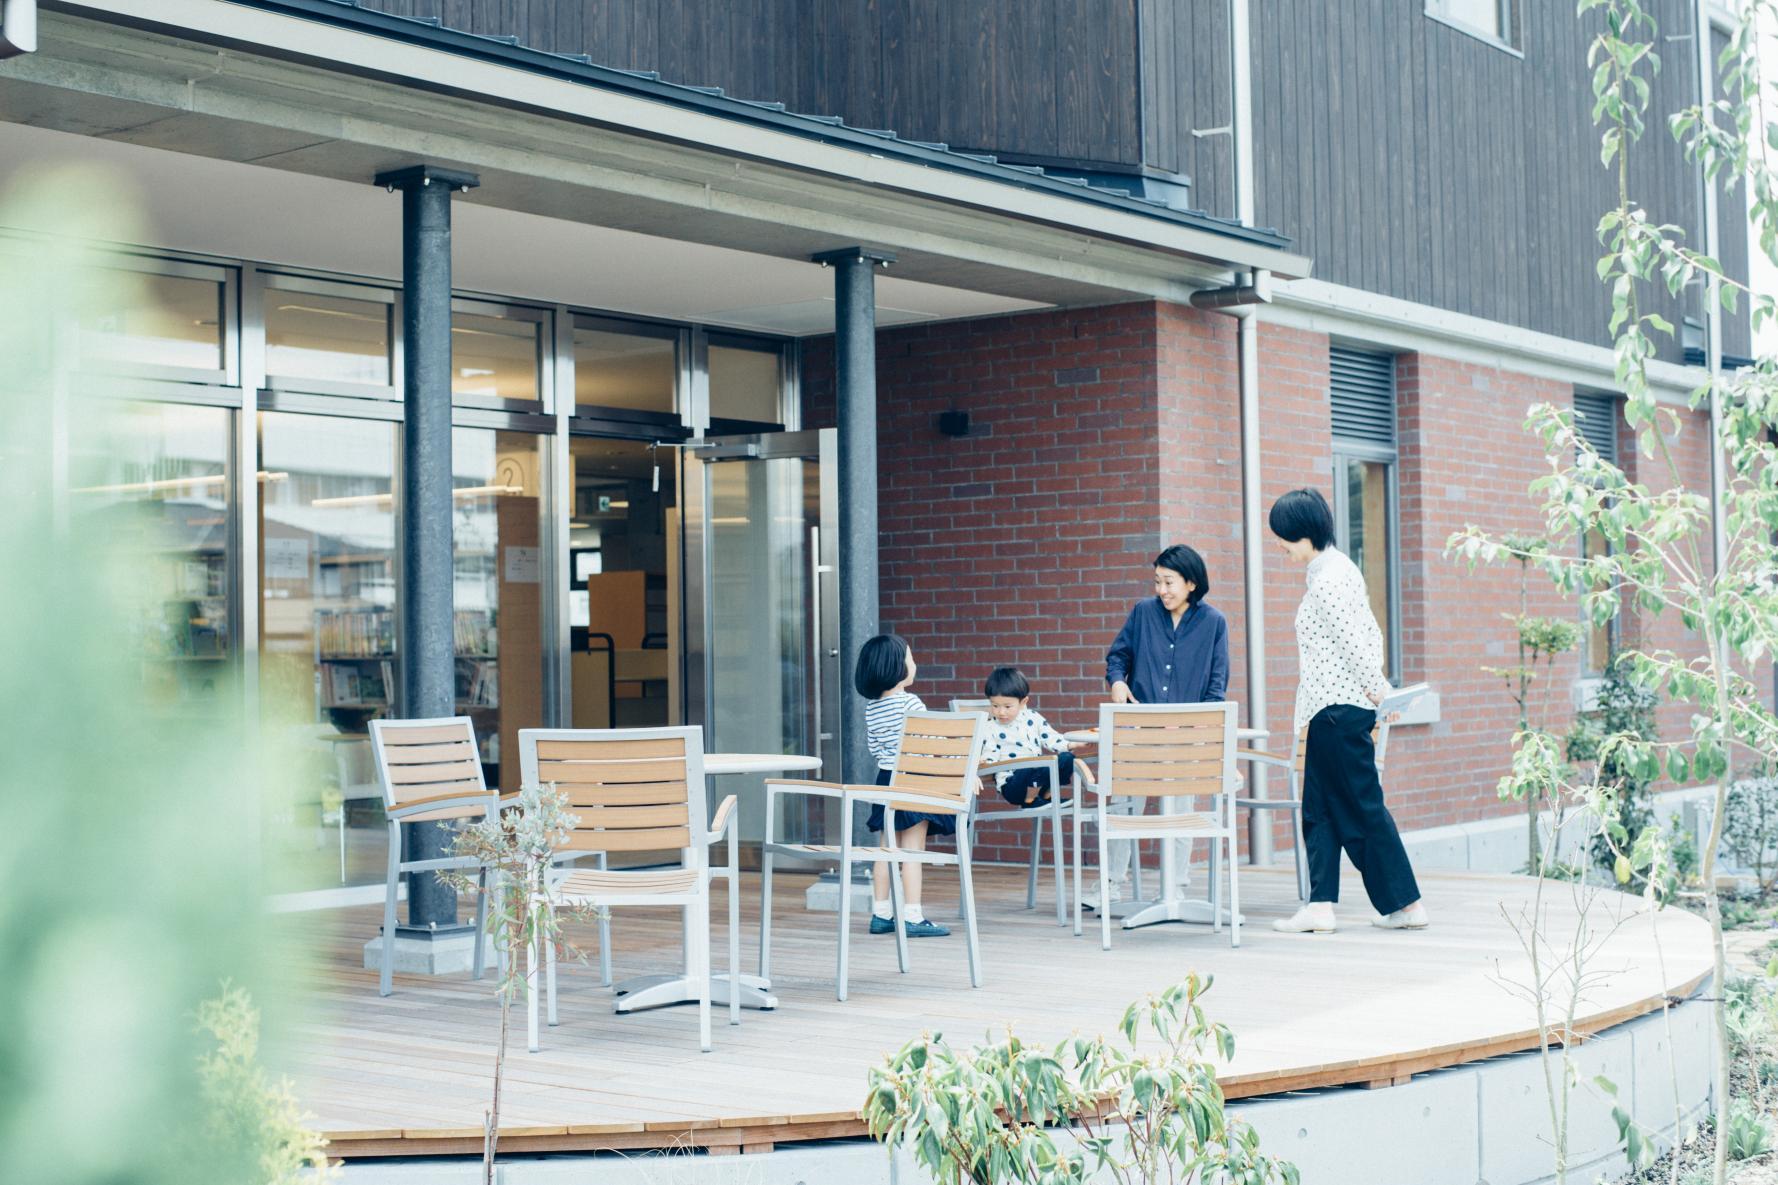 瀬戸内市民図書館 もみわ広場-5